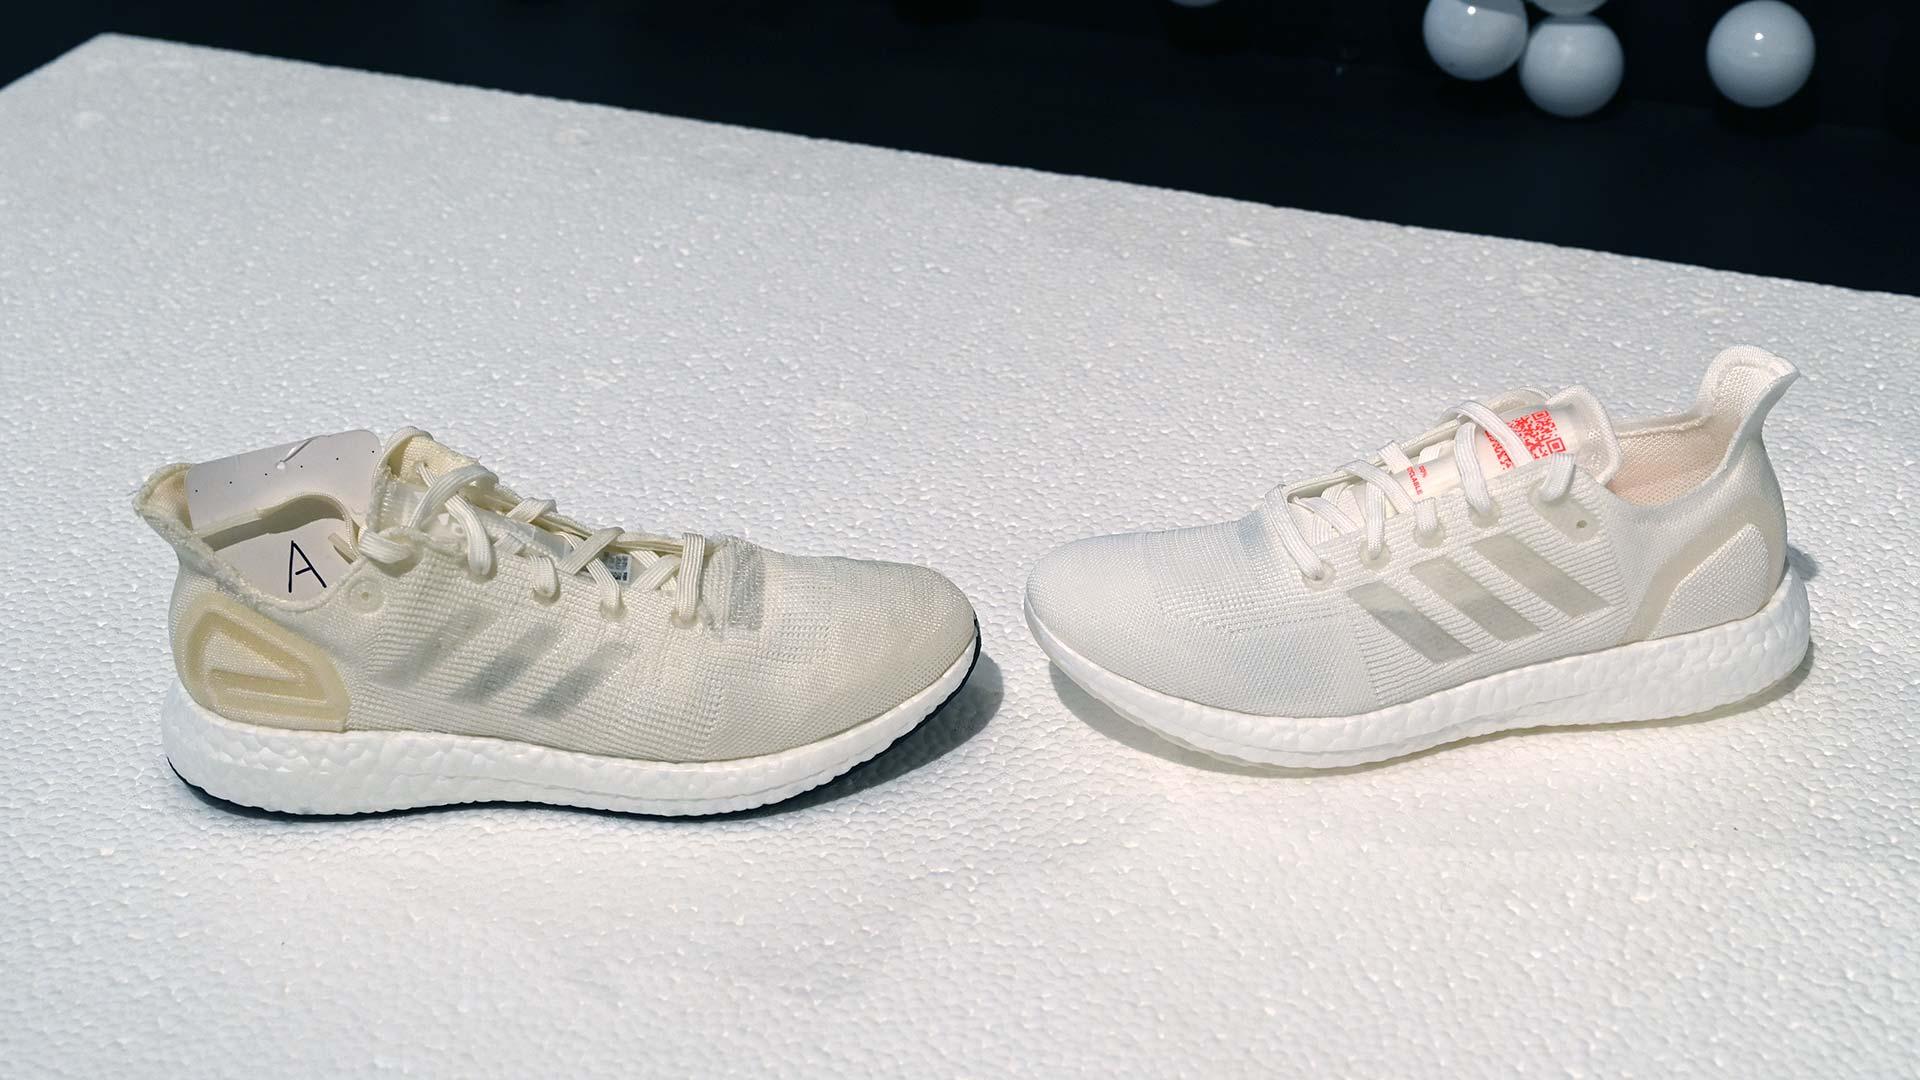 44793f0133 Adidas cria tênis recicláveis que darão desconto na compra de um ...